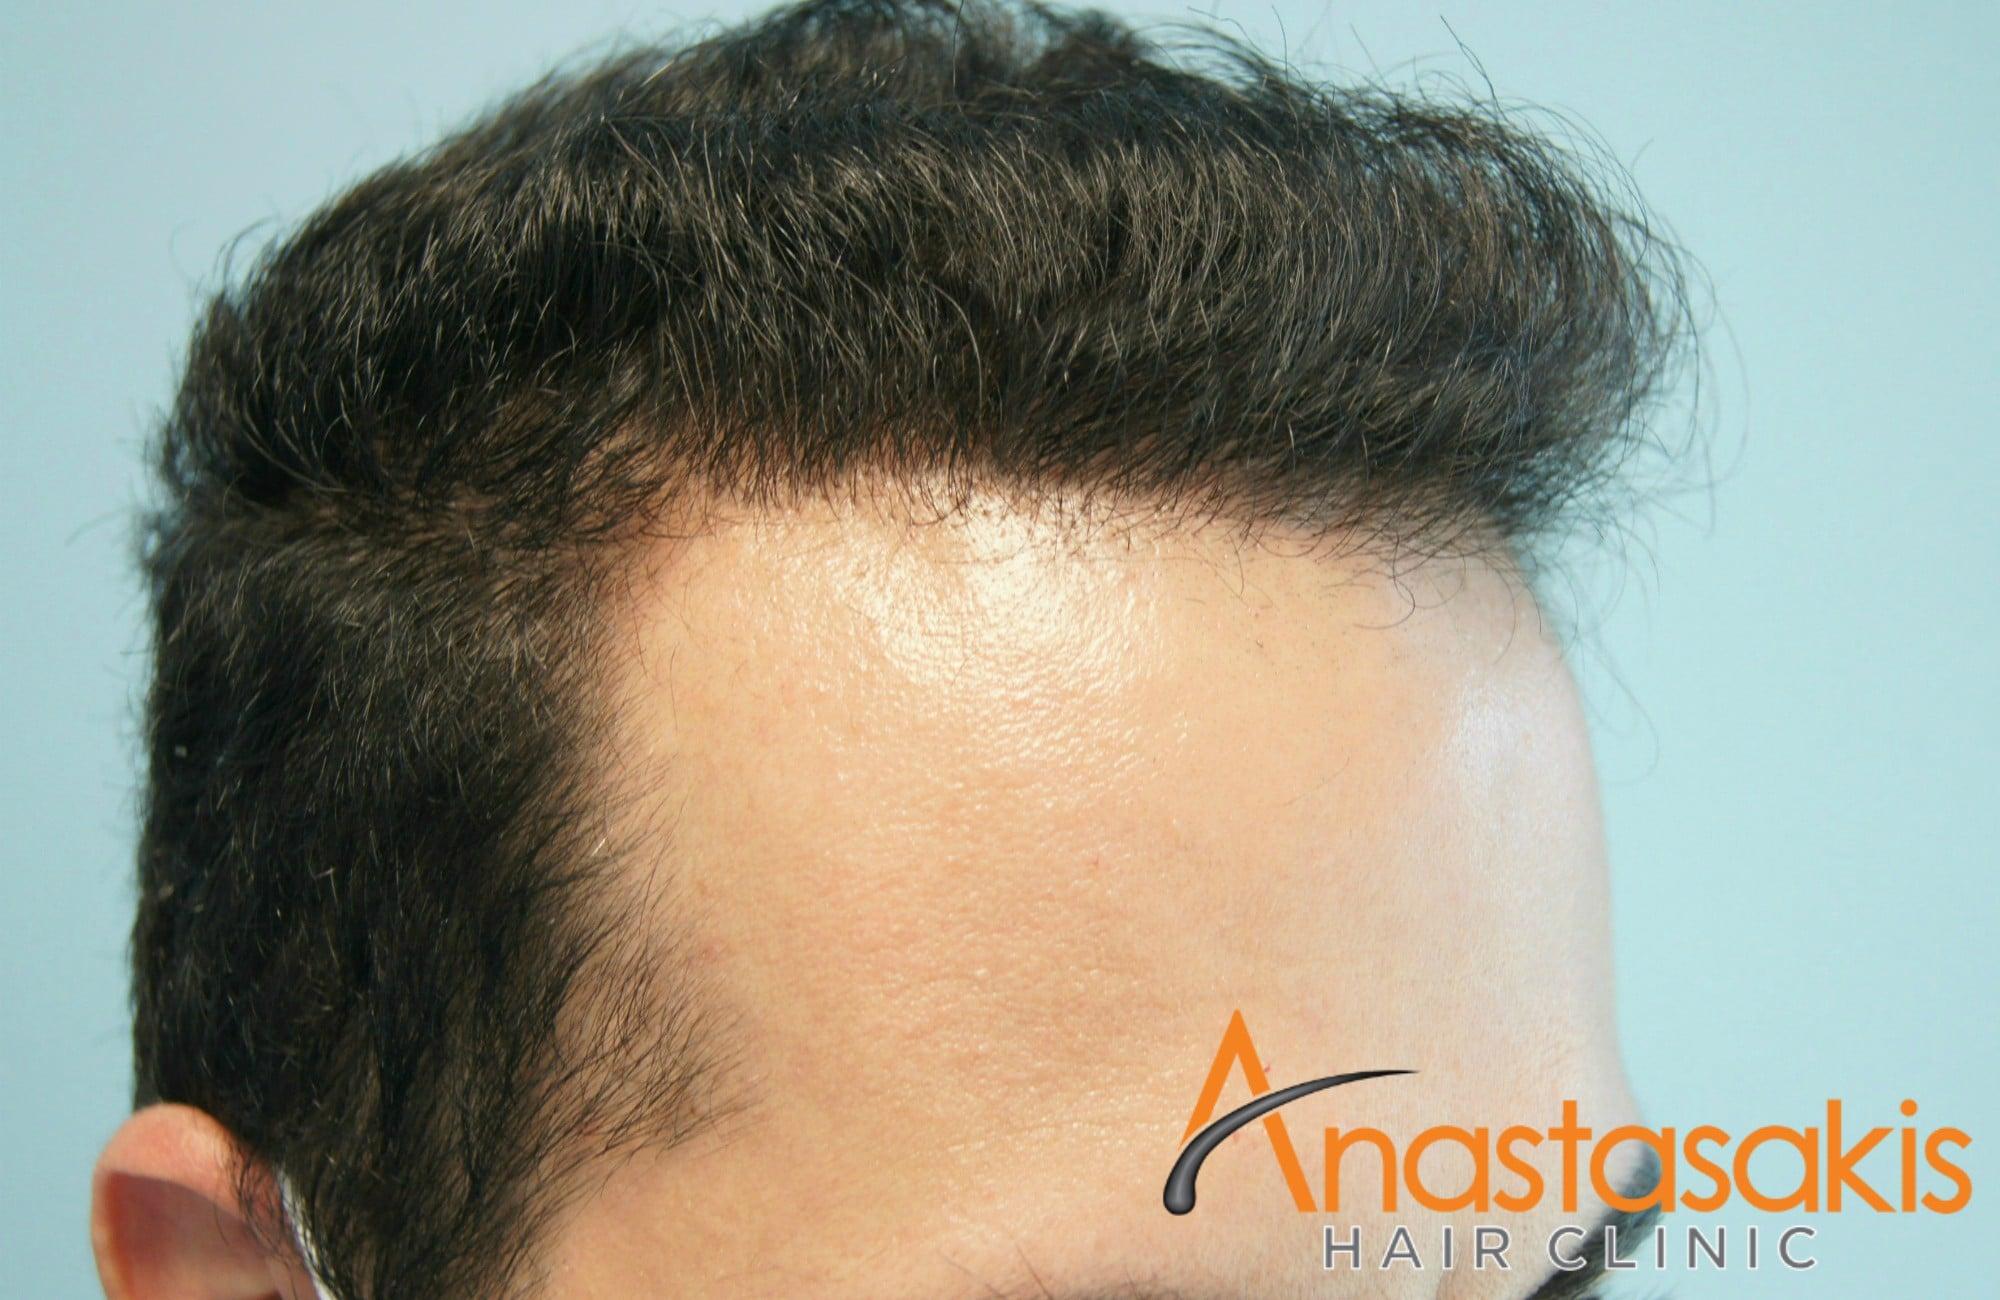 αριστερος κροταφος ασθενους μετα τη μεταμοσχευση μαλλιων με 1200 fus